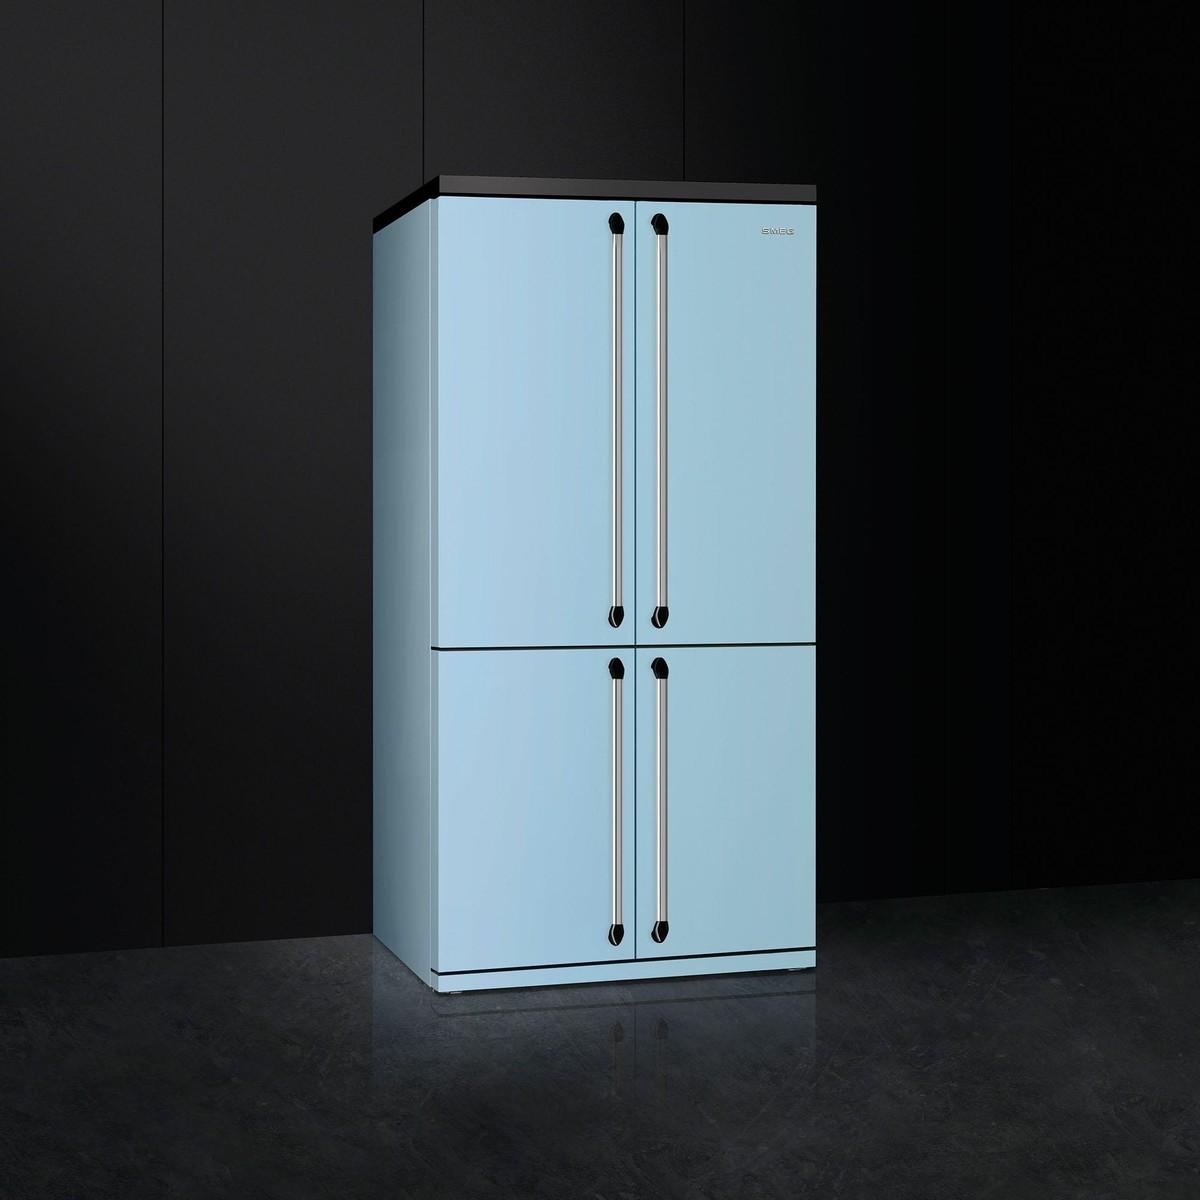 fq960pb side by side refrigerator smeg. Black Bedroom Furniture Sets. Home Design Ideas